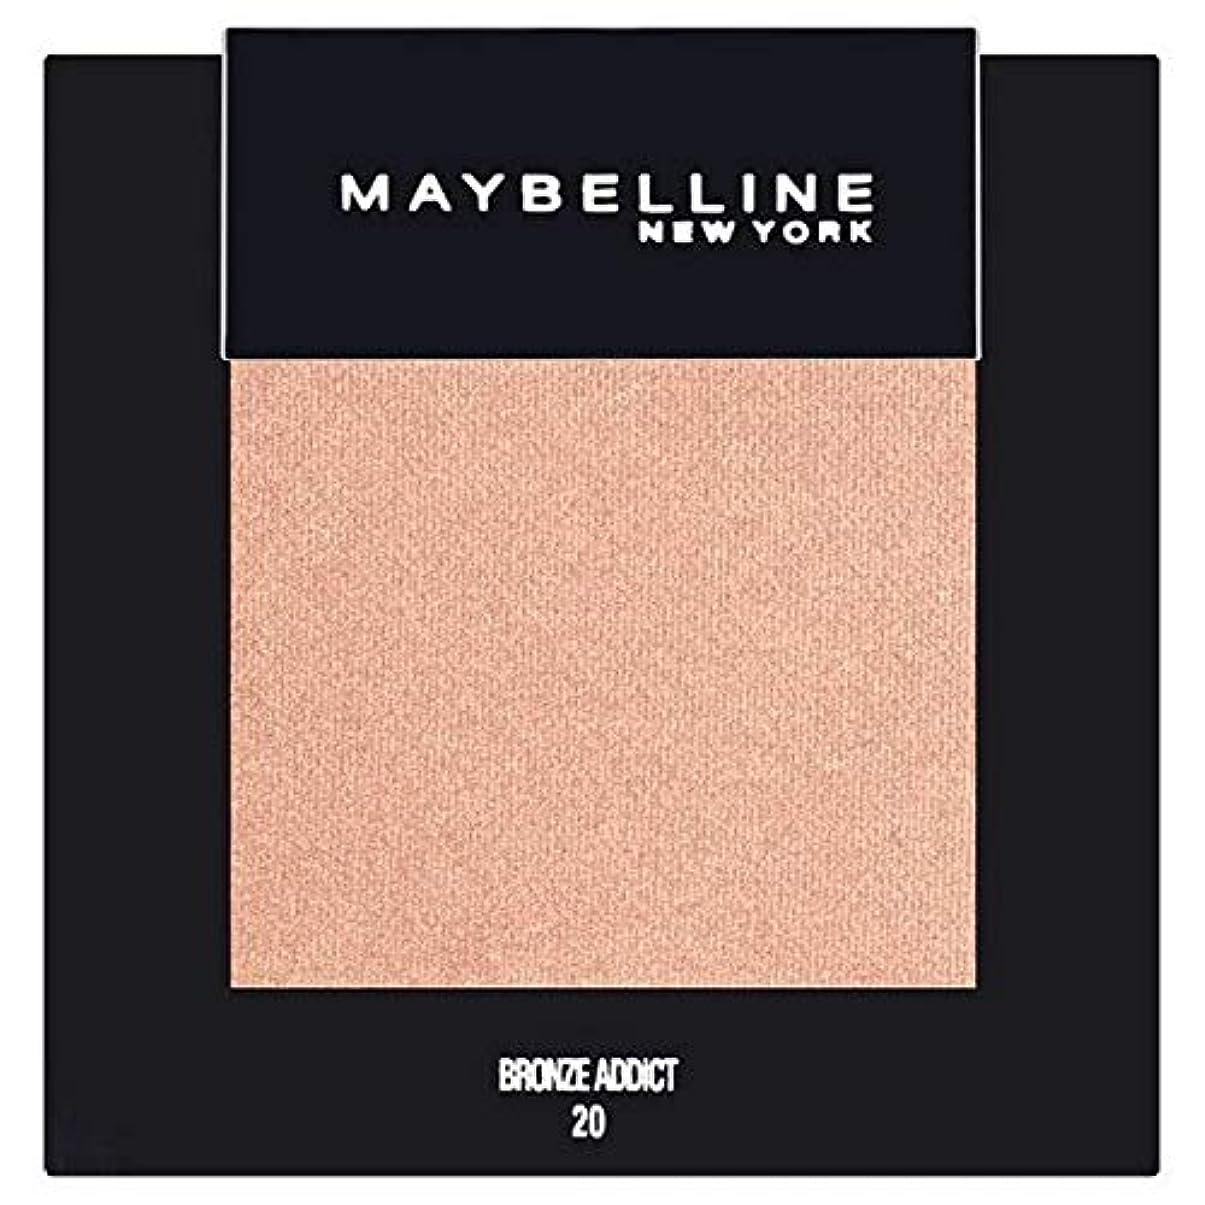 謎学部放置[Maybelline ] メイベリンカラーショーシングルアイシャドウ20ブロンズ - Maybelline Color Show Single Eyeshadow 20 Bronze [並行輸入品]